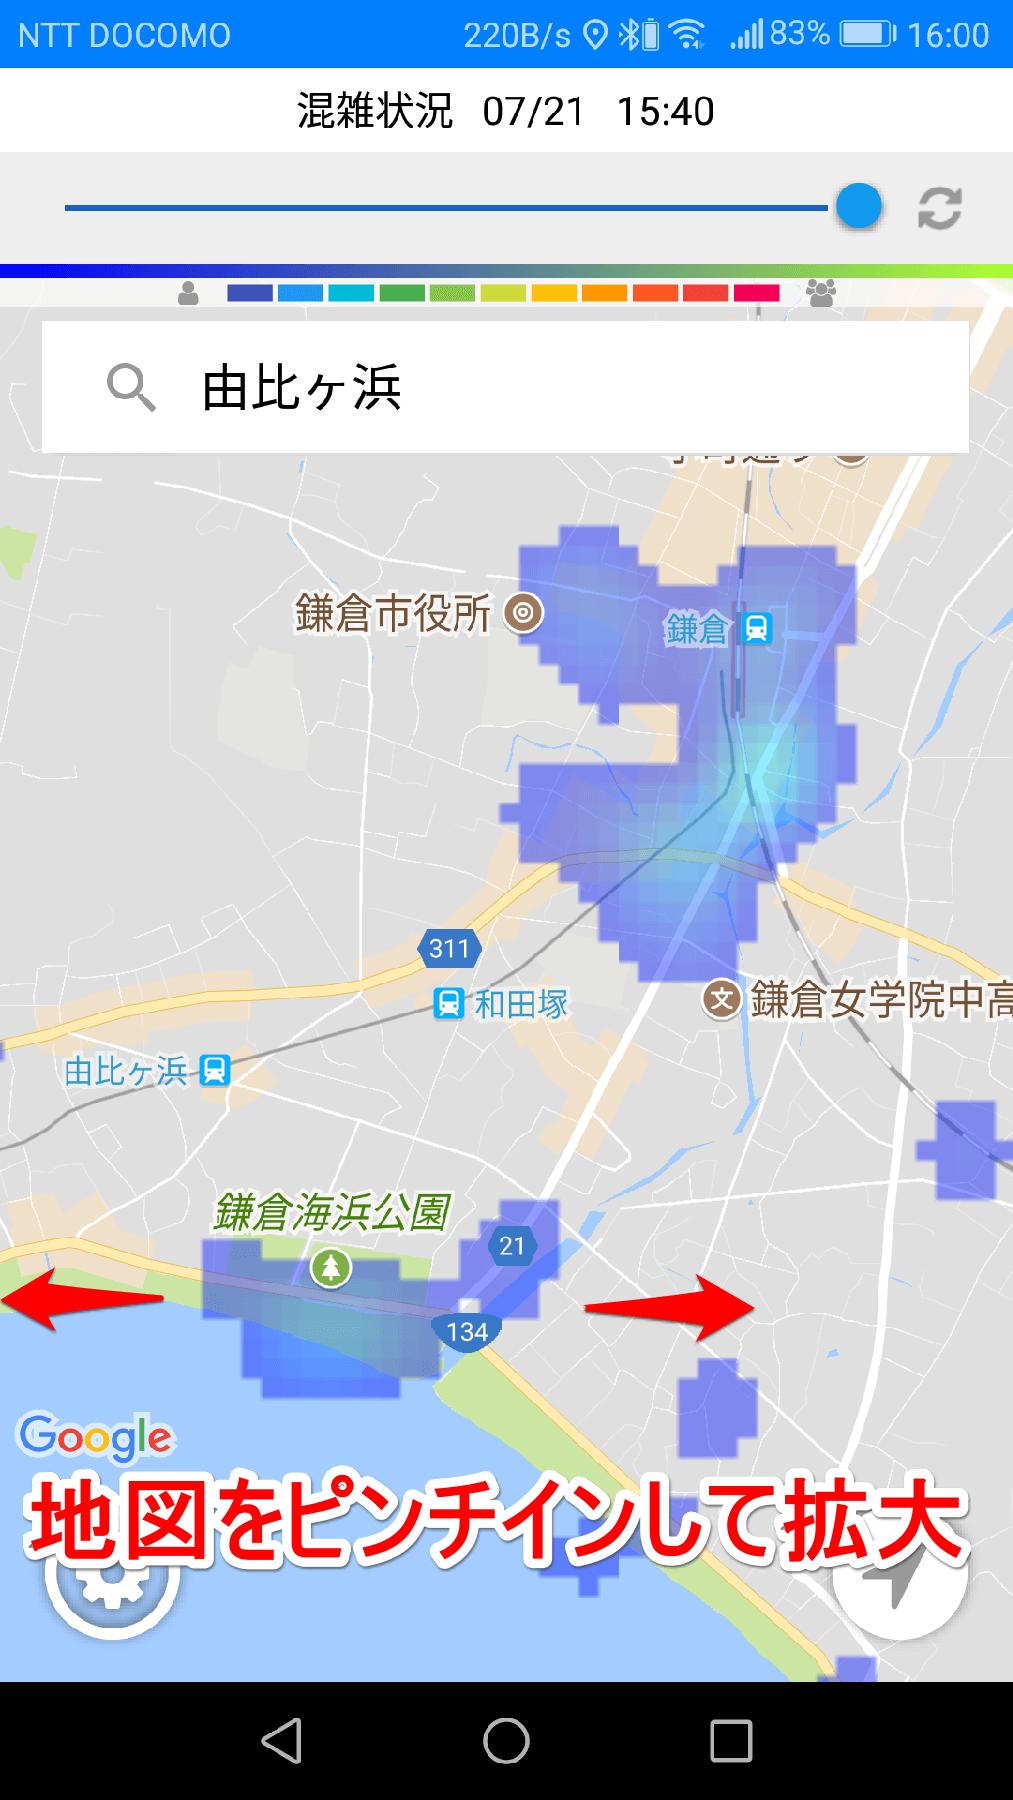 [混雑マップ]アプリで目的地を検索した結果の画面